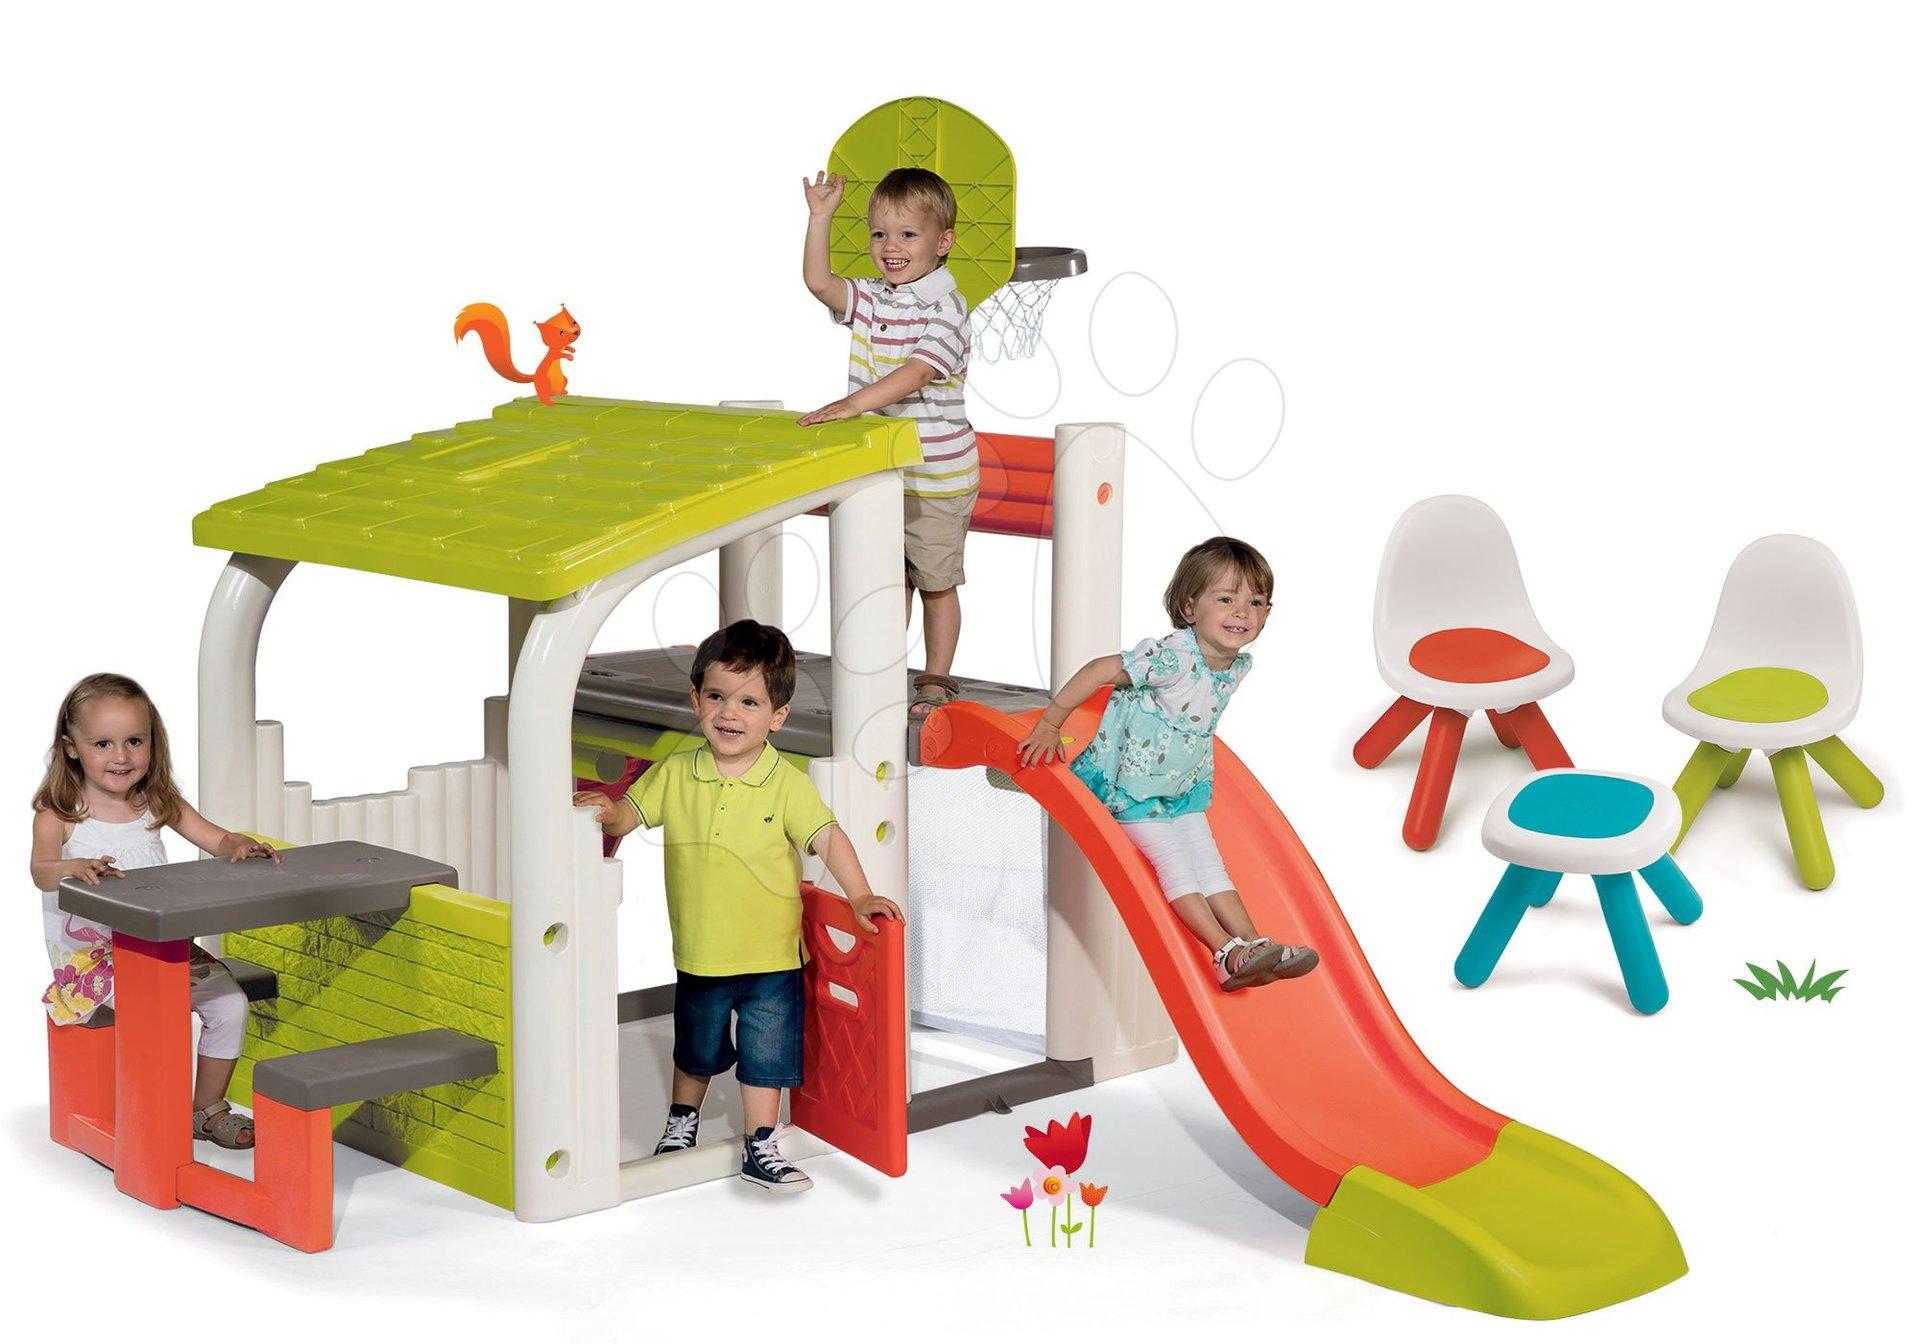 Set hrací centrum Fun Center se skluzavkou Smoby dlouhou 150 cm, Piknik stolek, dvě židle KidChair Red od 24 měsíců